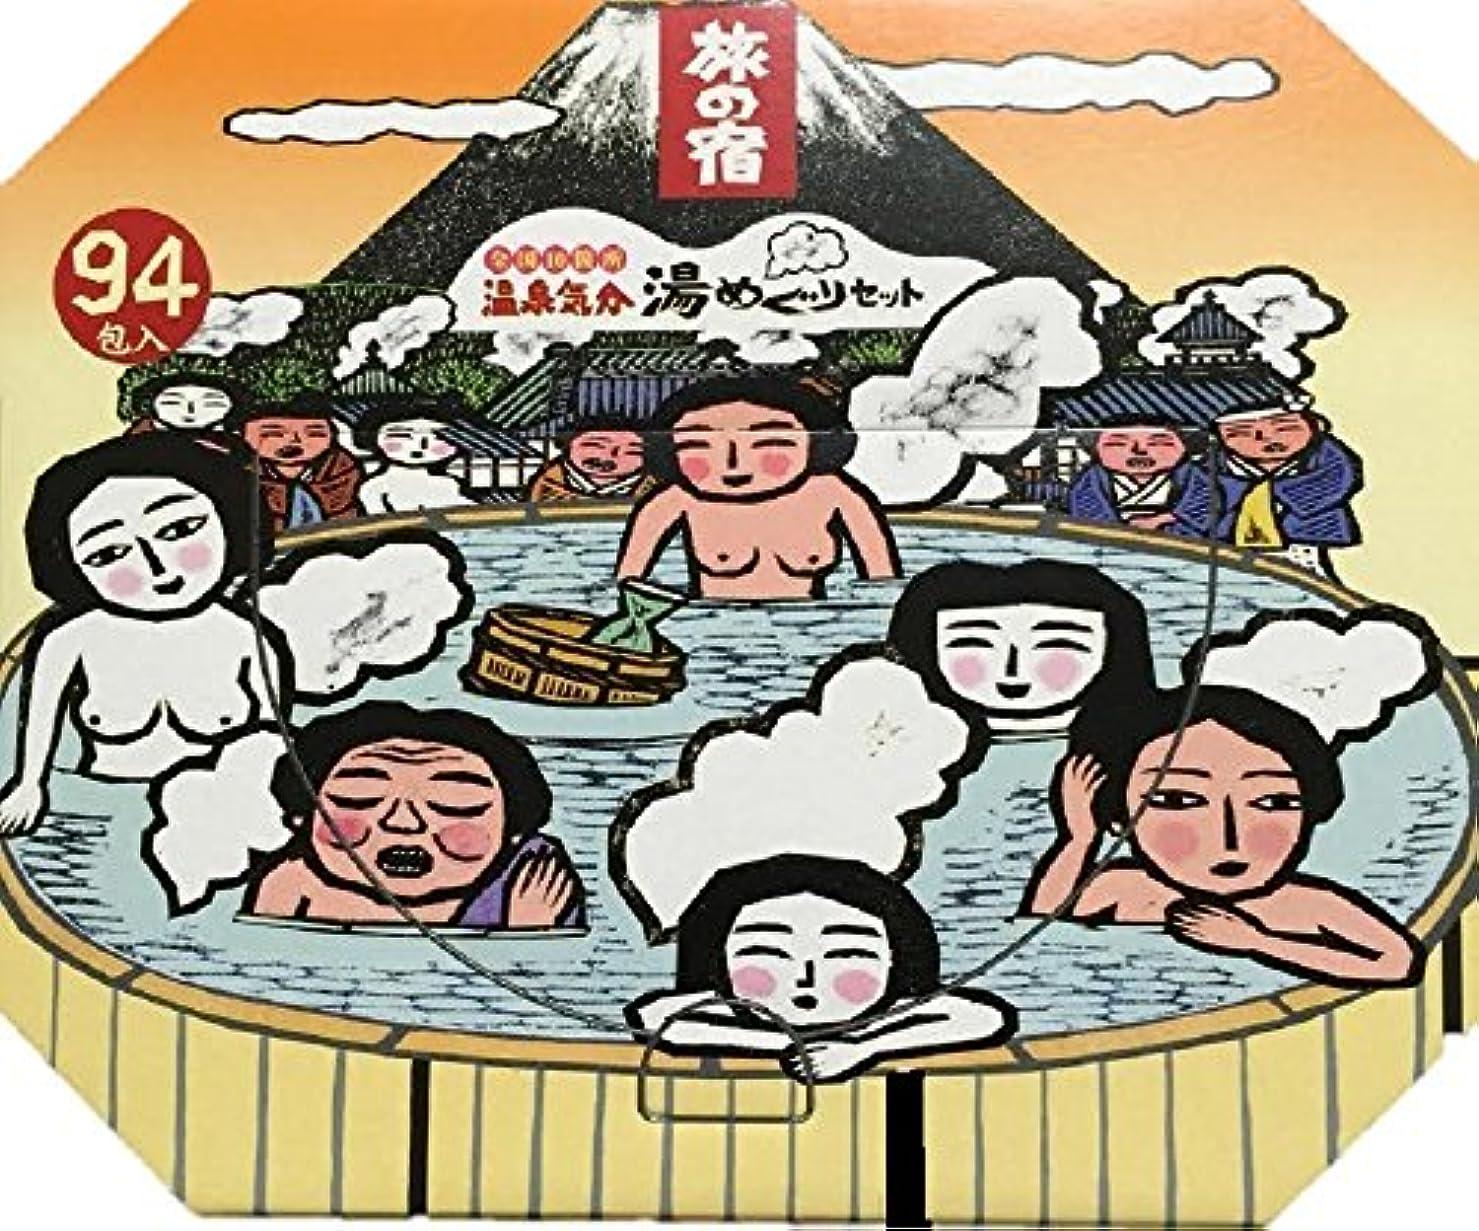 起きてバックグラウンド覚醒旅の宿(薬用入浴剤) 全国10箇所温泉気分 湯めぐりセット94包入